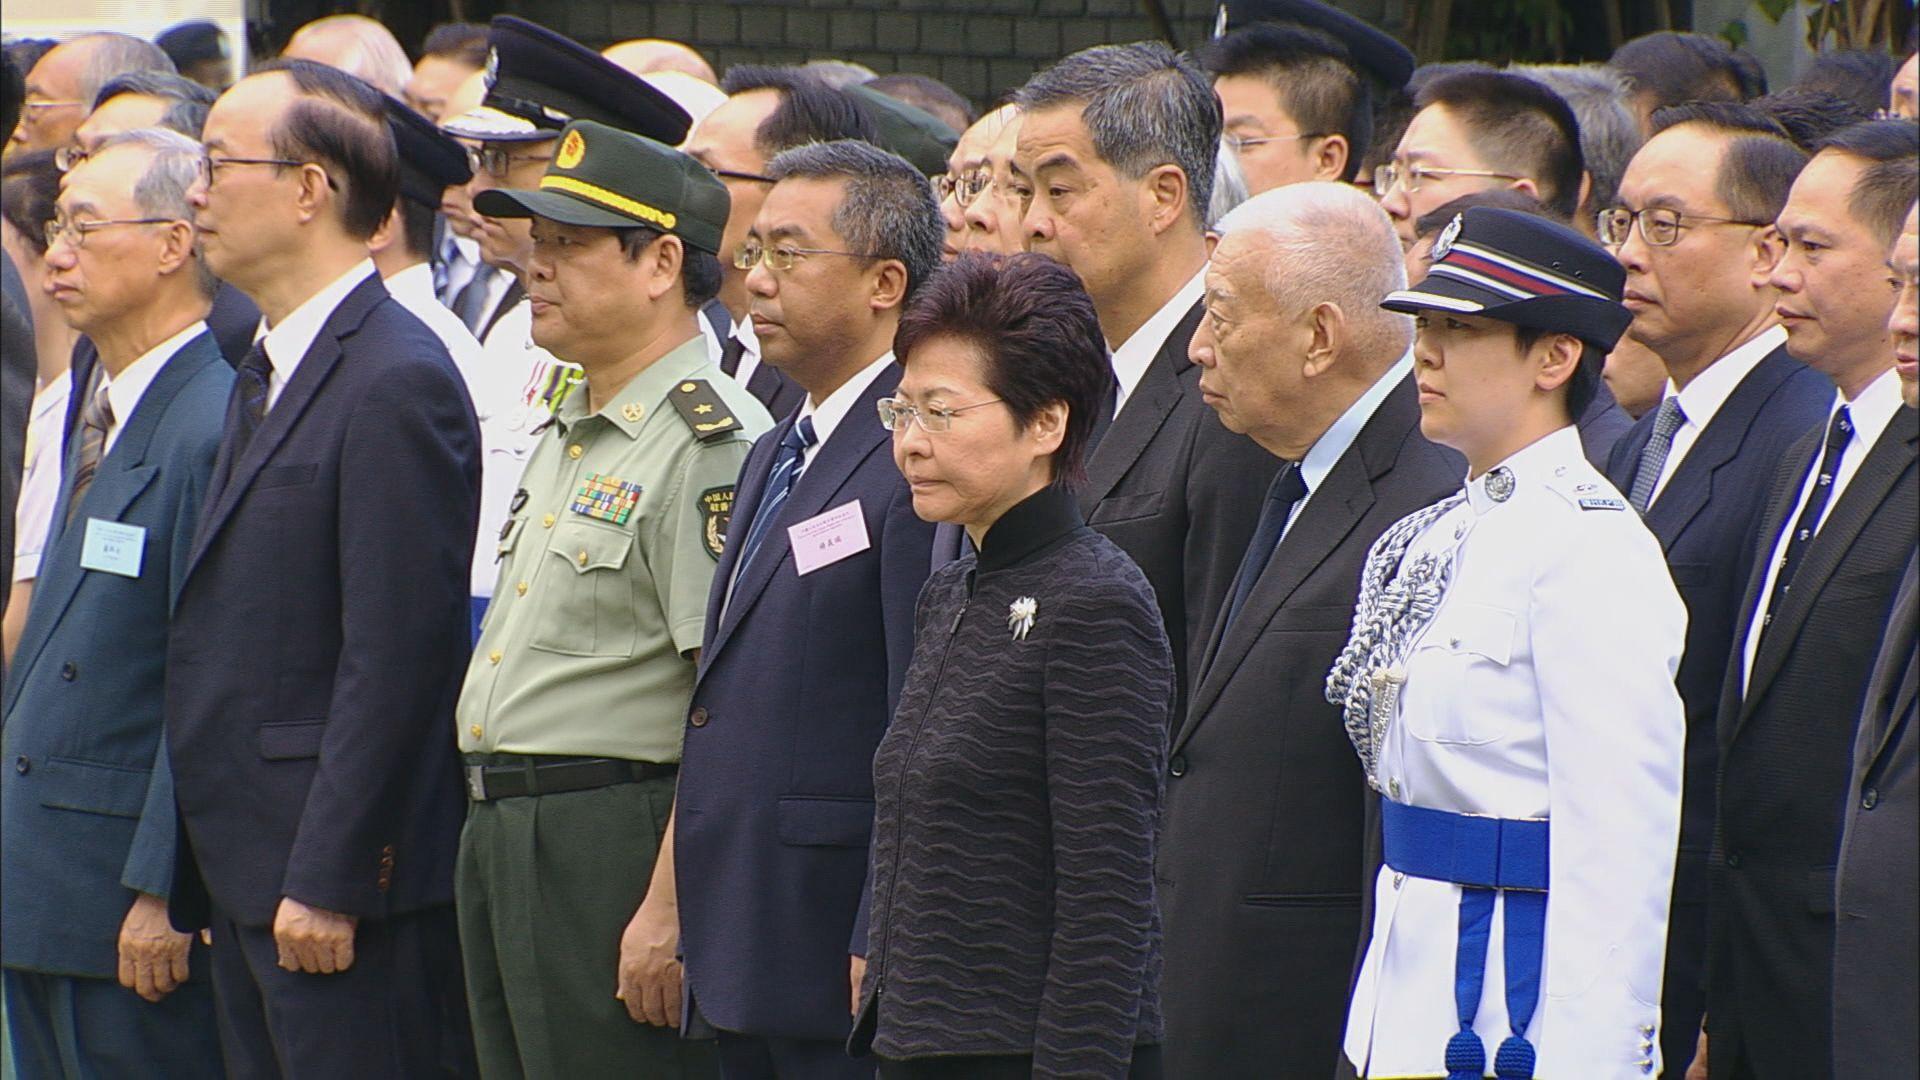 抗日勝利73周年 林鄭月娥出席紀念儀式